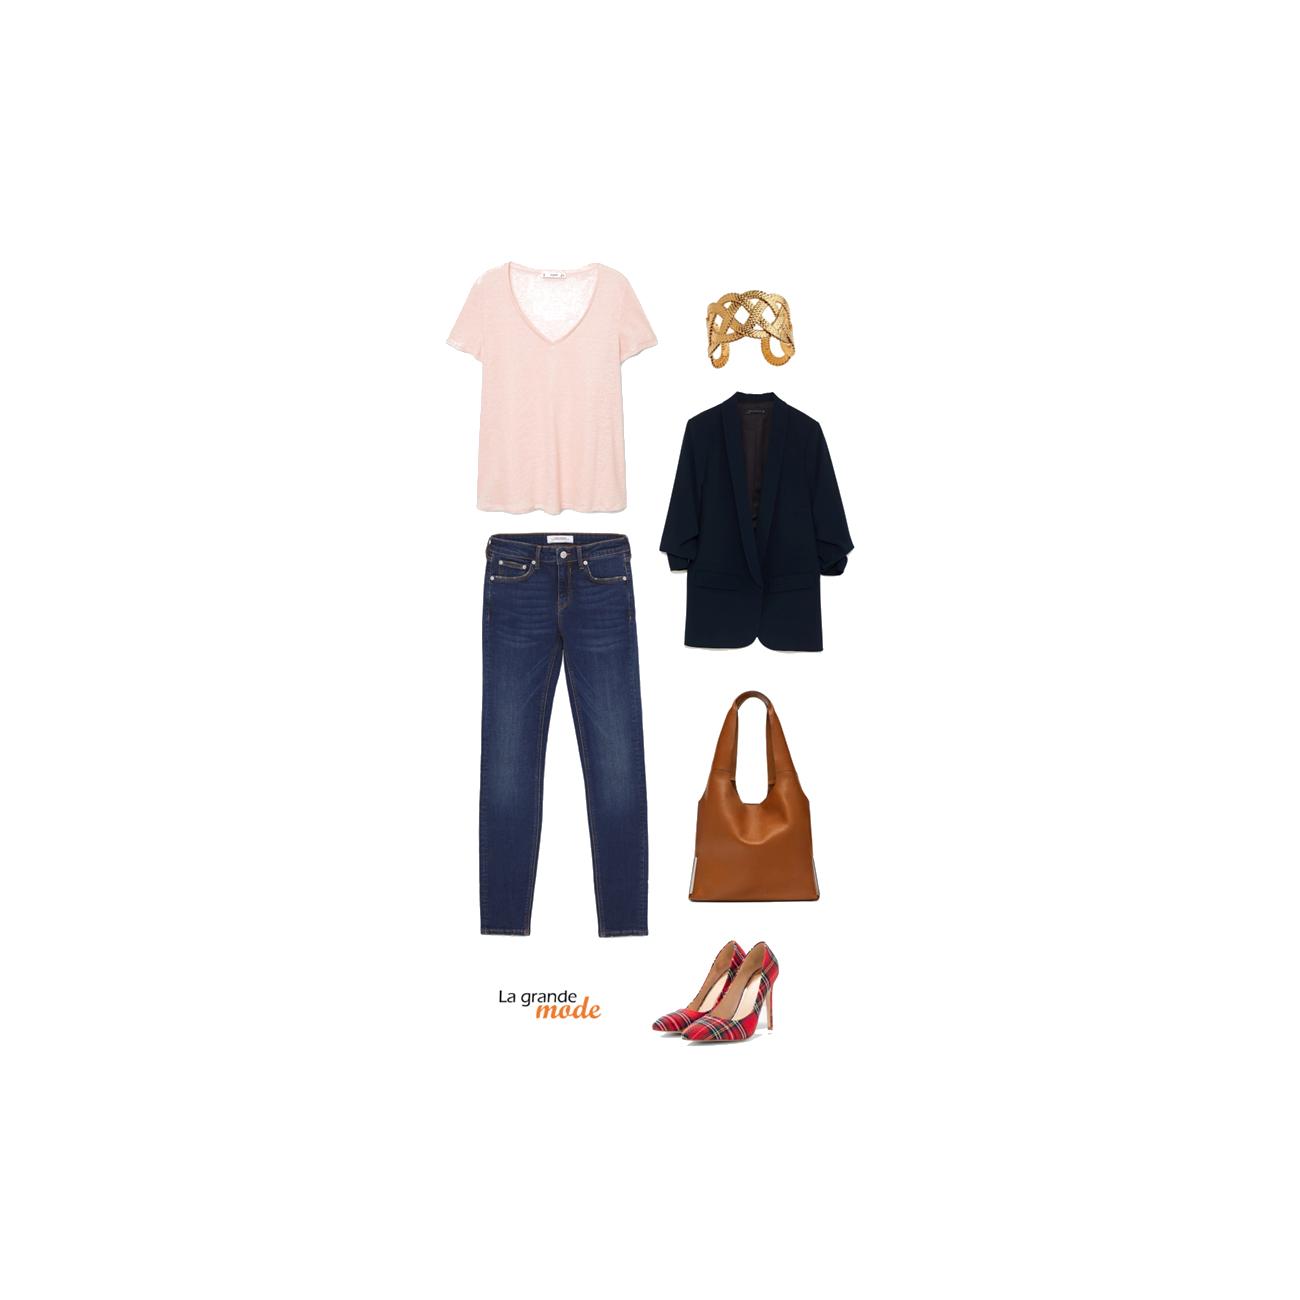 La Grande Mode - Idée look jean brut, blazer loose & escarpins à imprimé écossais - Tendance mode automne hiver 2018